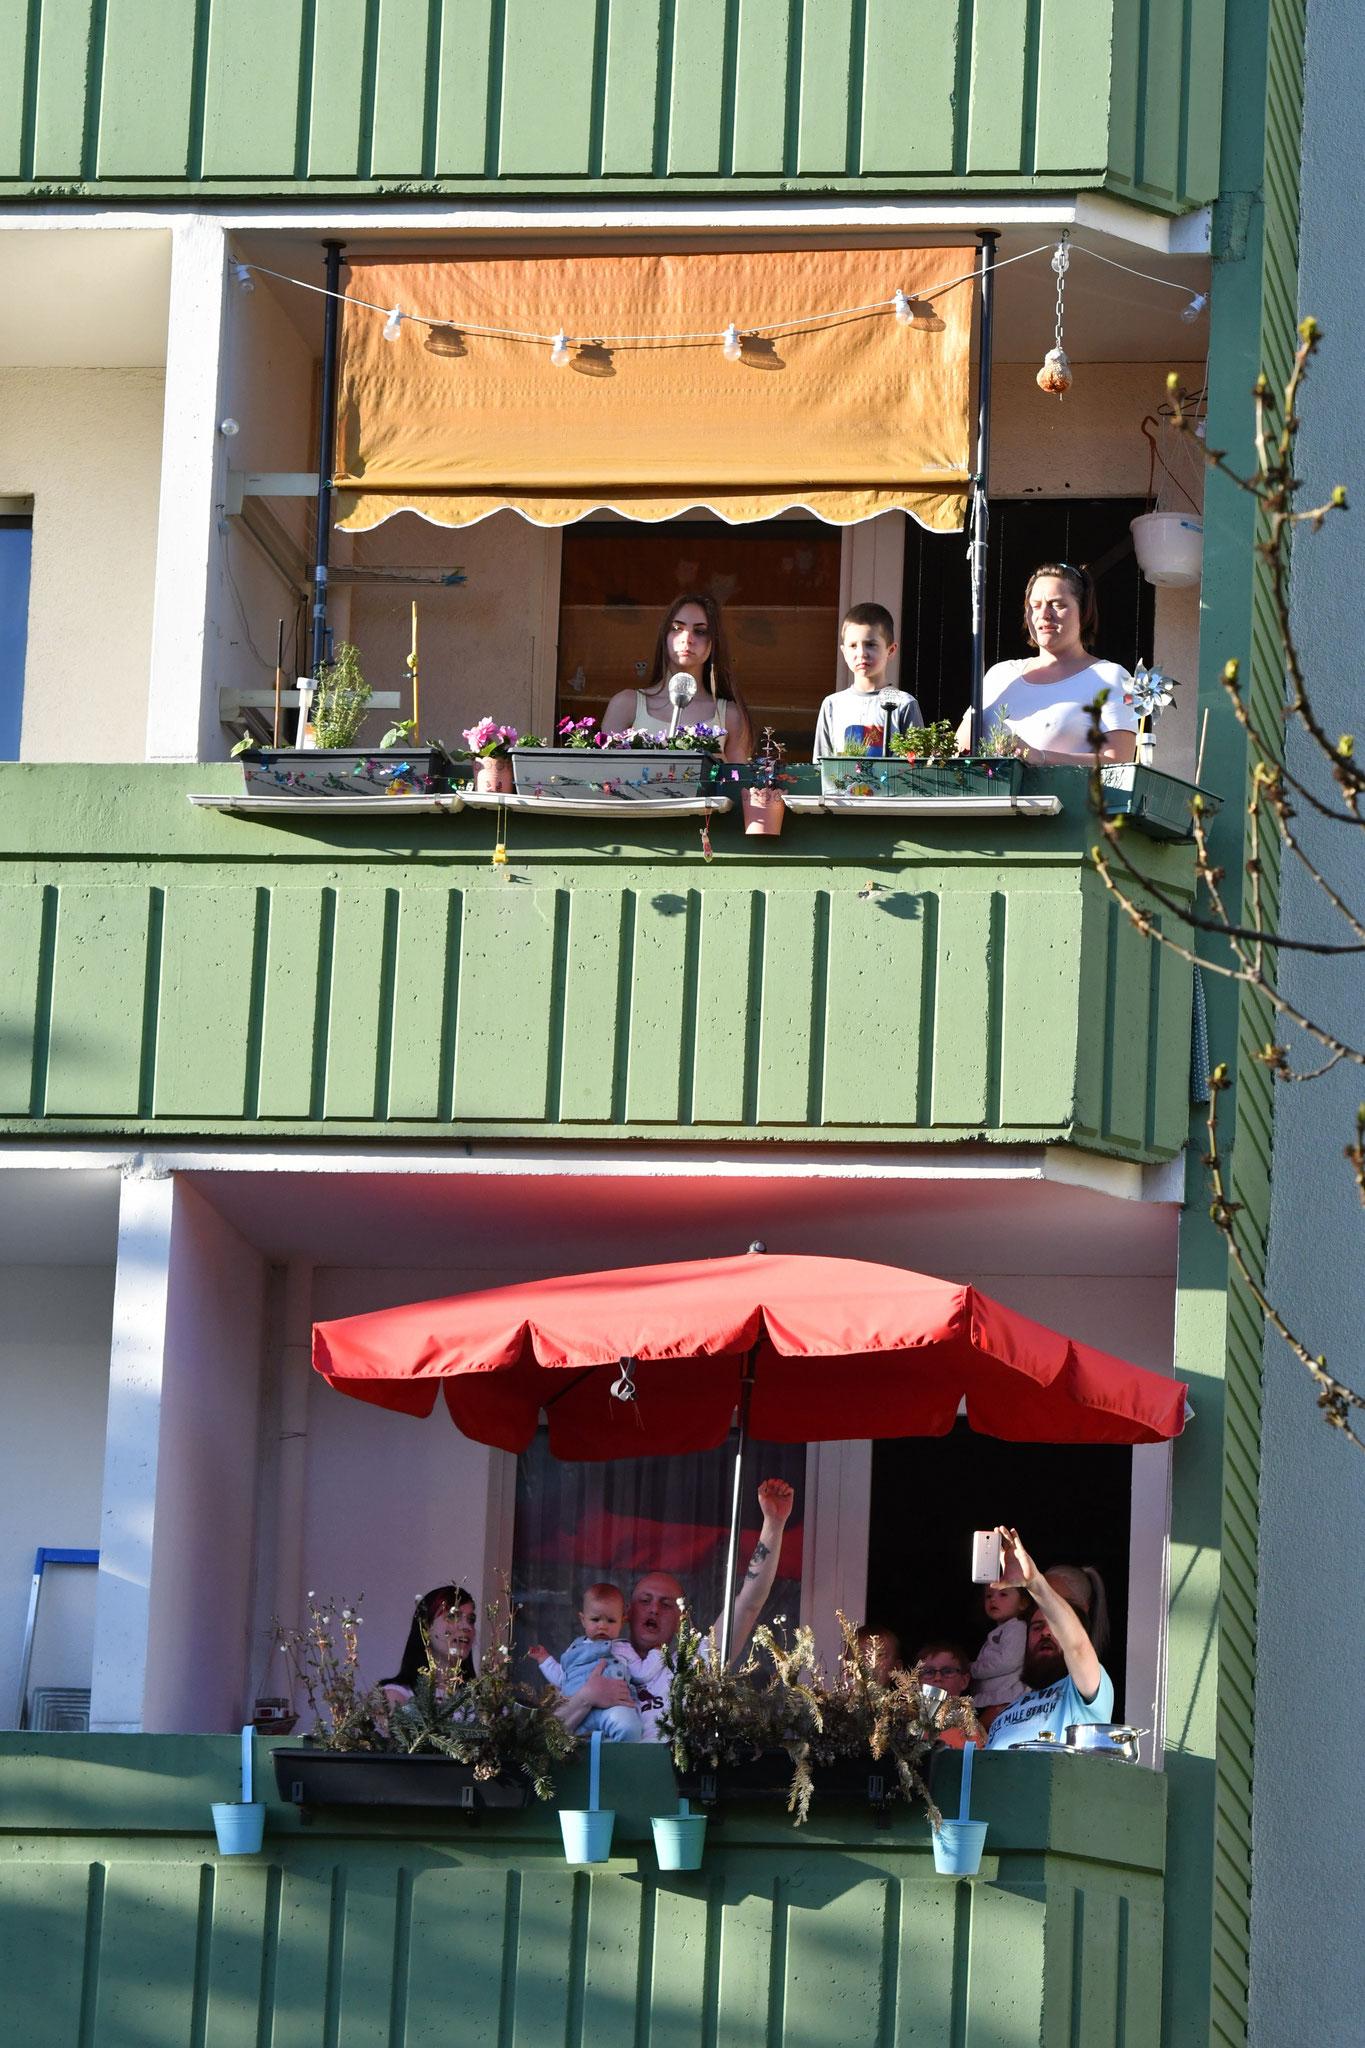 Auf den Balkonen und an den Fenstern wurde gesungen, im Takt gewippt, getanzt, gestaunt, gewunken und gelacht. © pressefoto-uhlemann.de